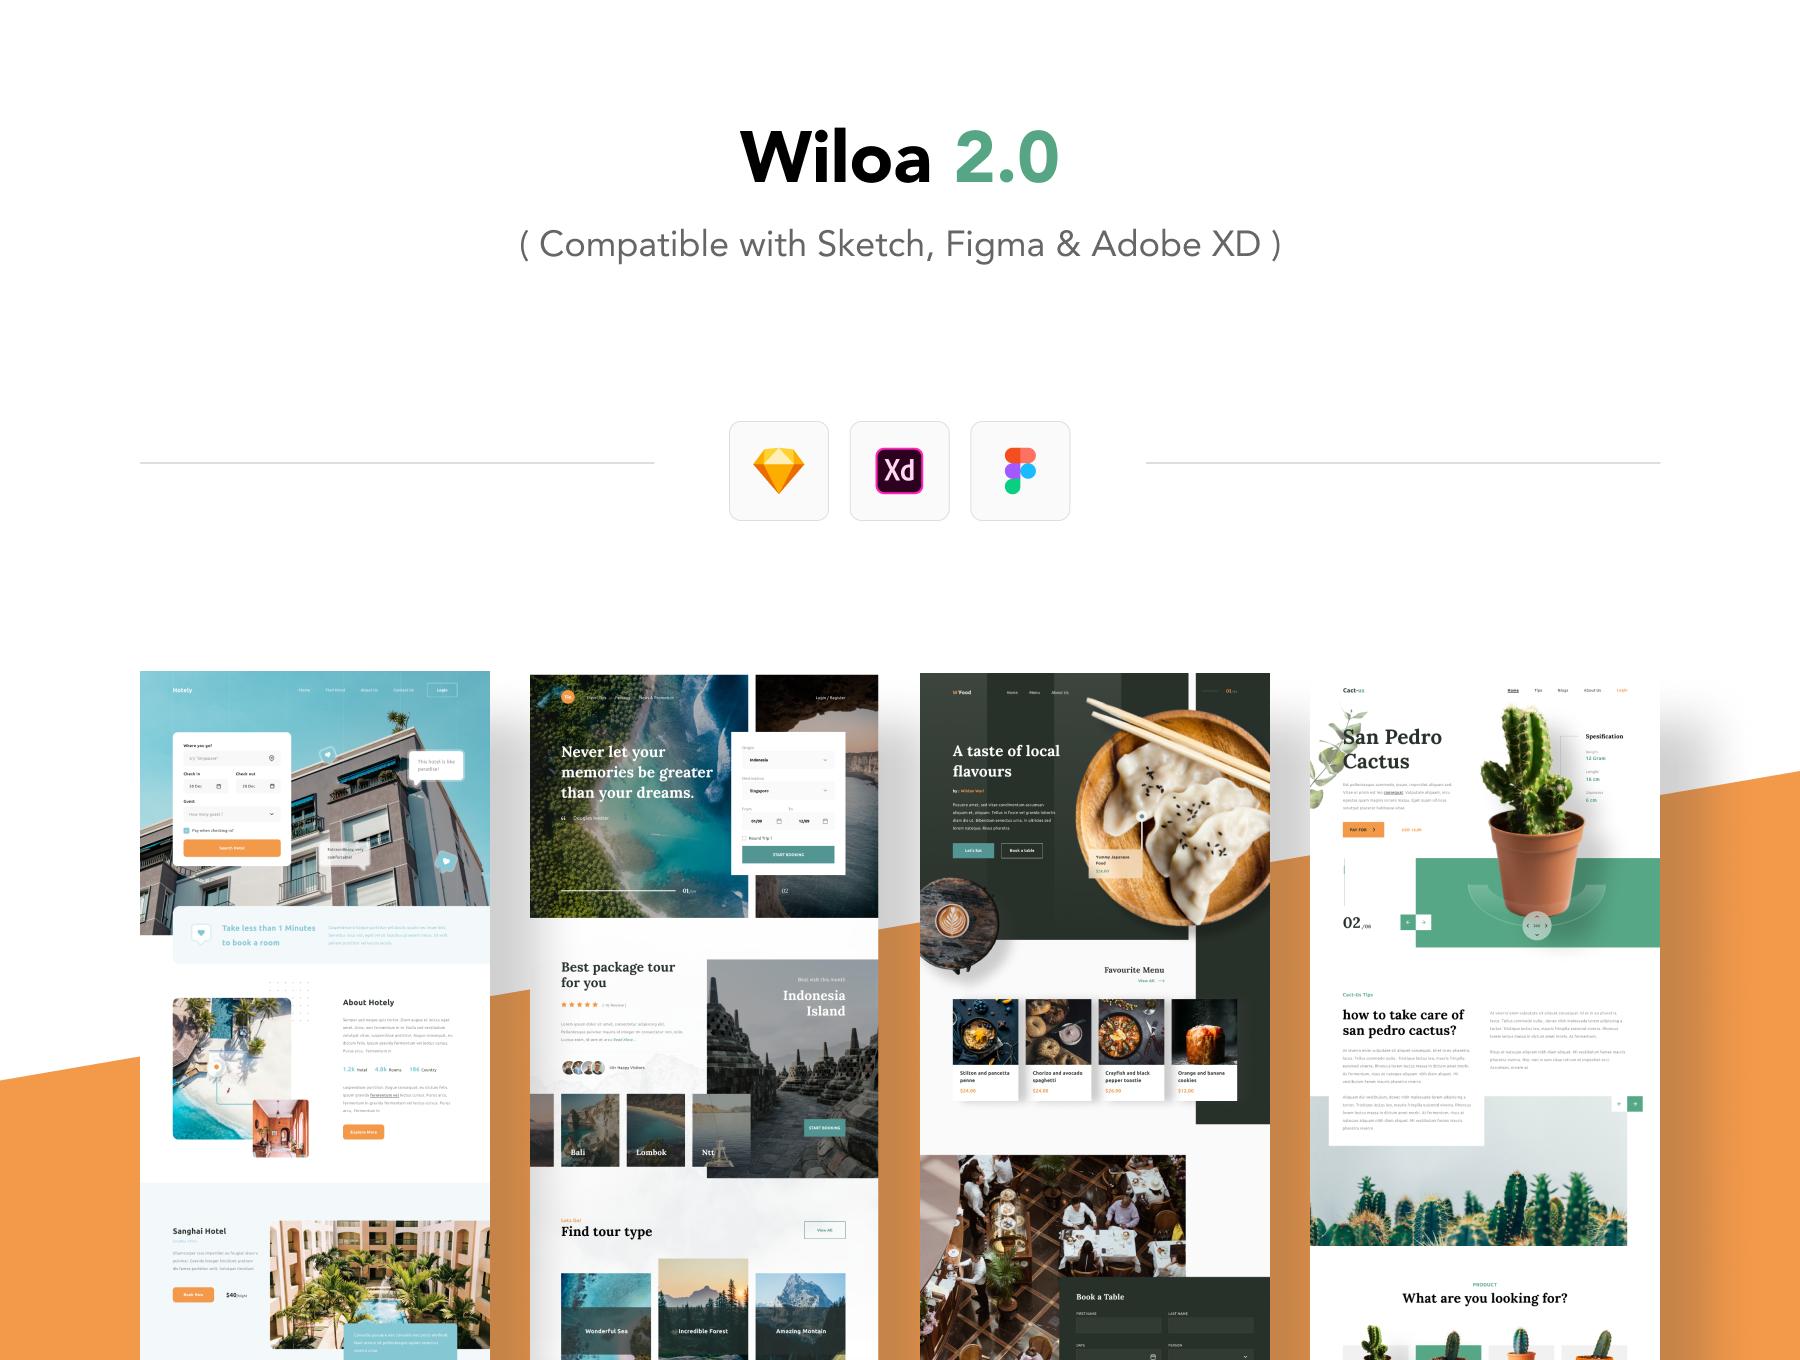 现代简约着陆页WEB界面设计UI套件素材 Wiloa 2.0 – Landing Page UI-Kit插图4